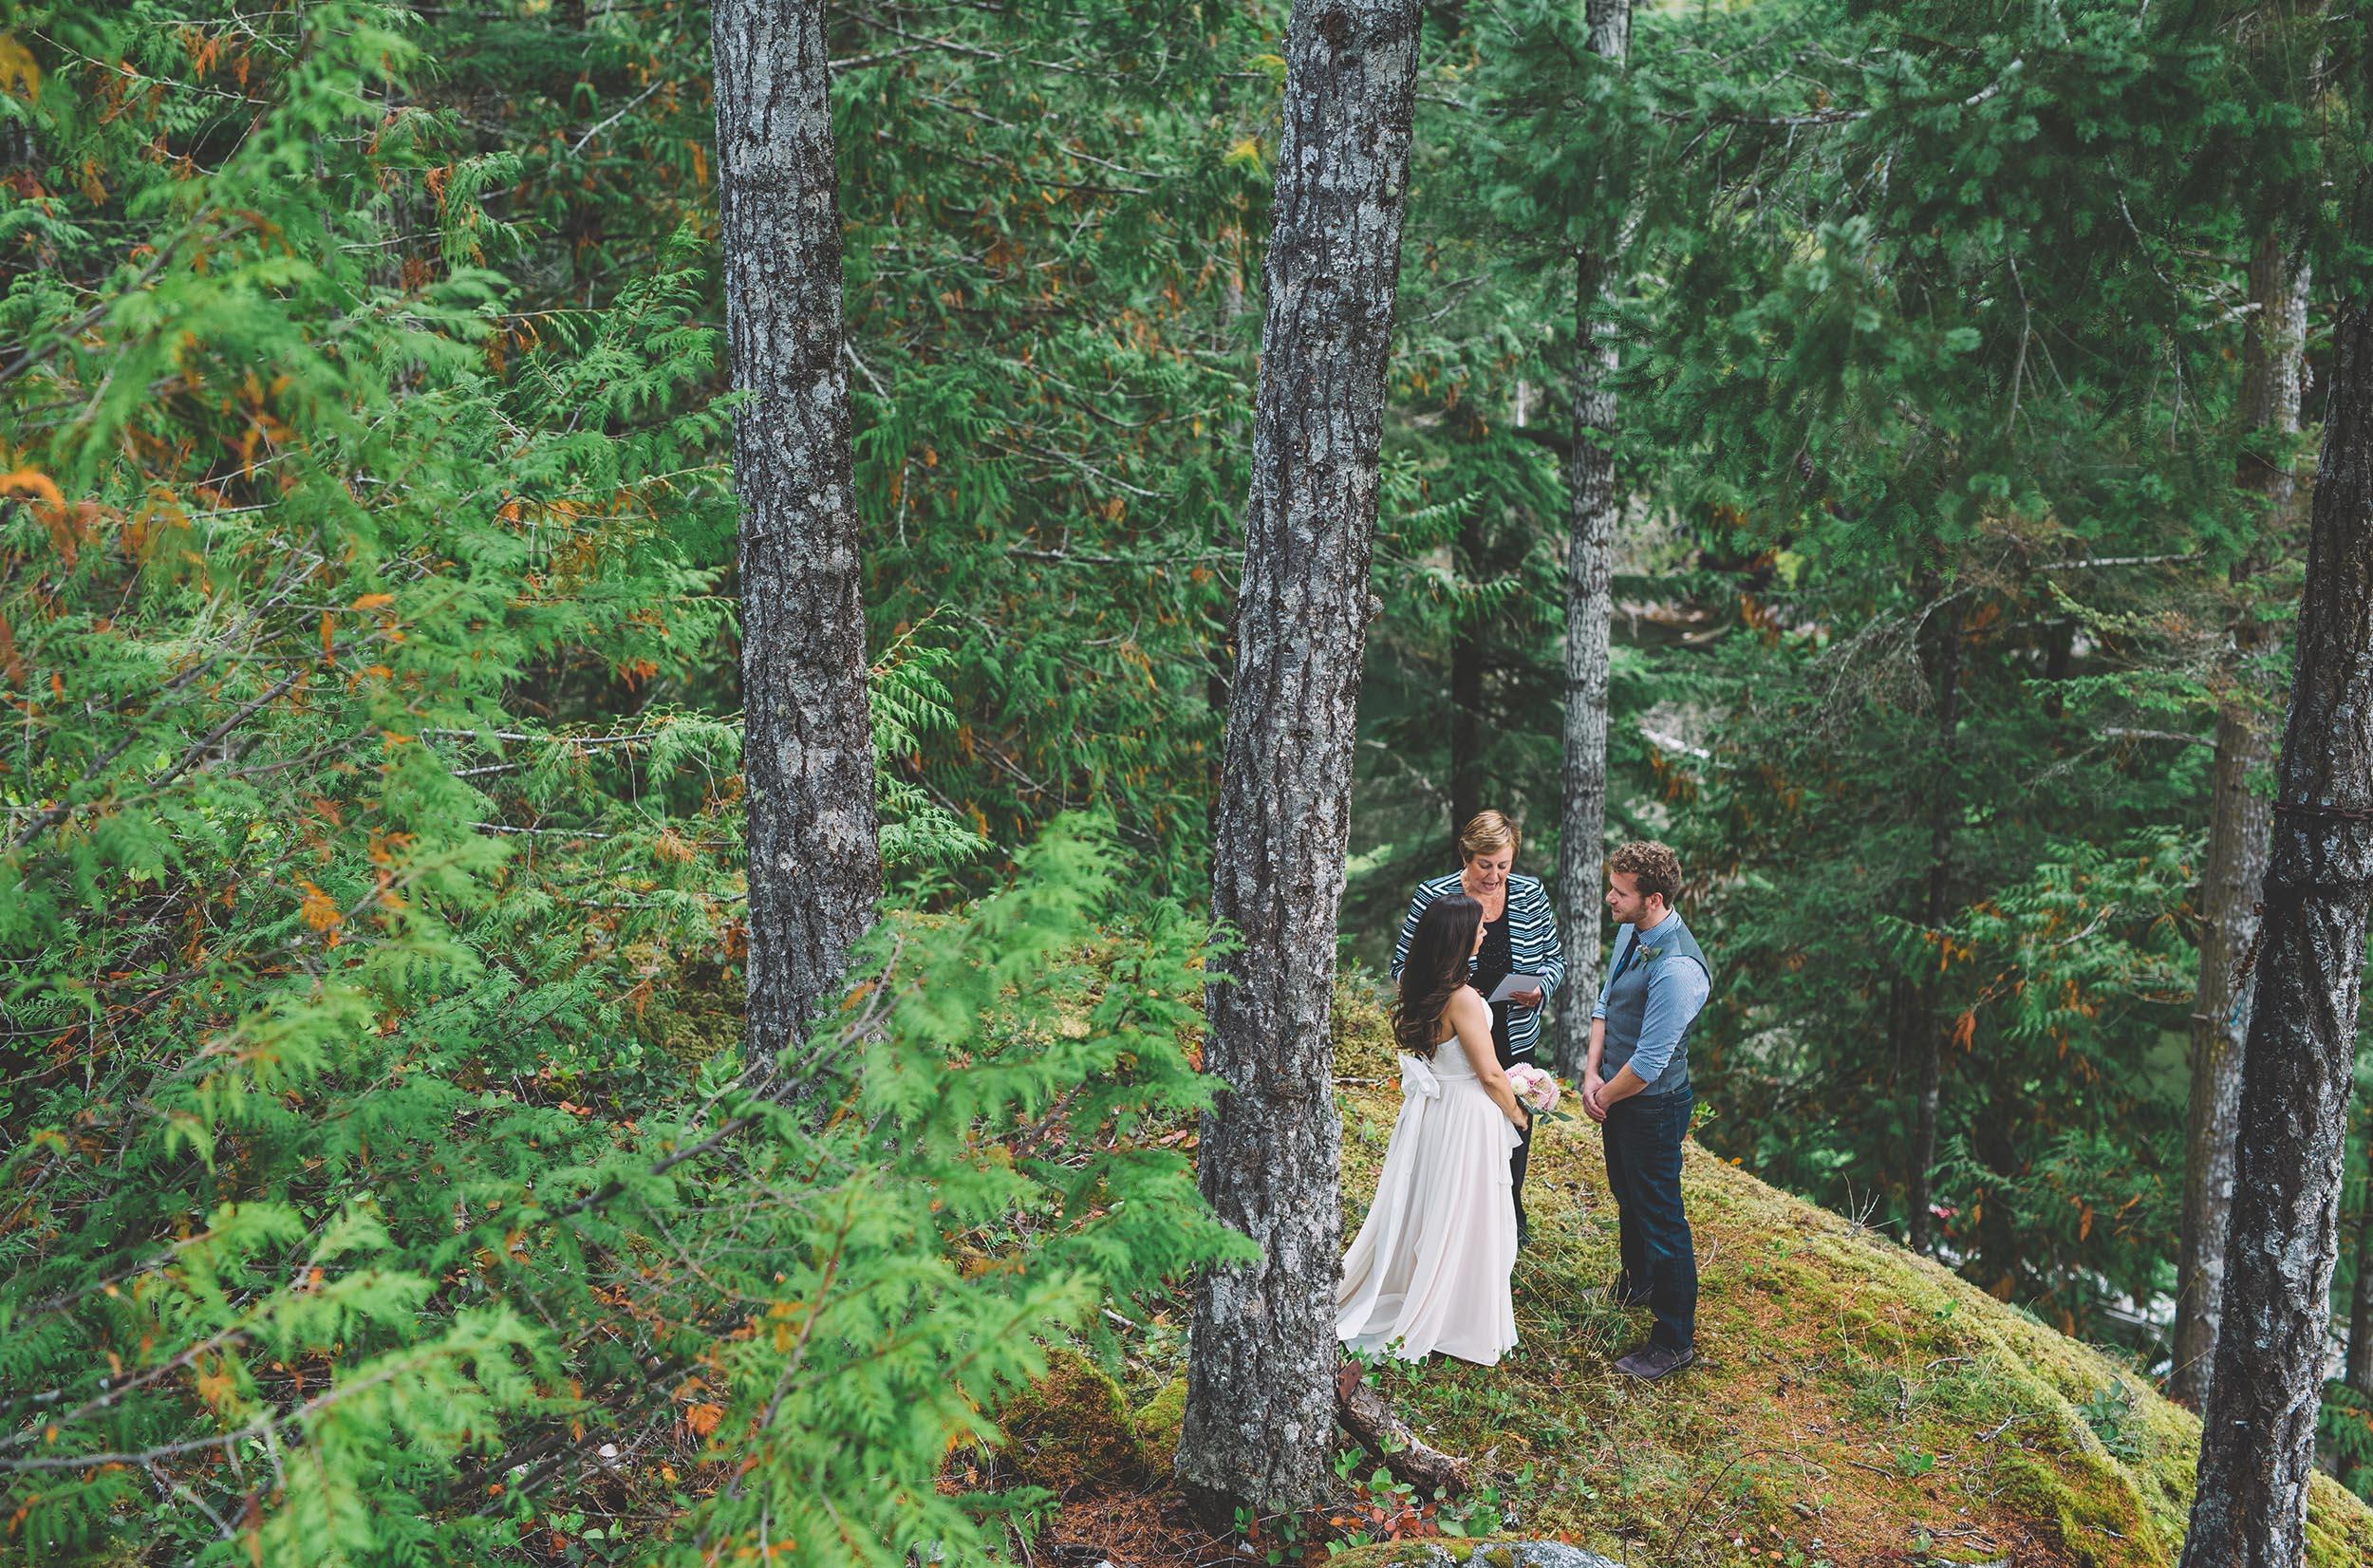 IMG_4601 Sunshine Coast Wedding Photographer Jennifer Picard Photography.jpg